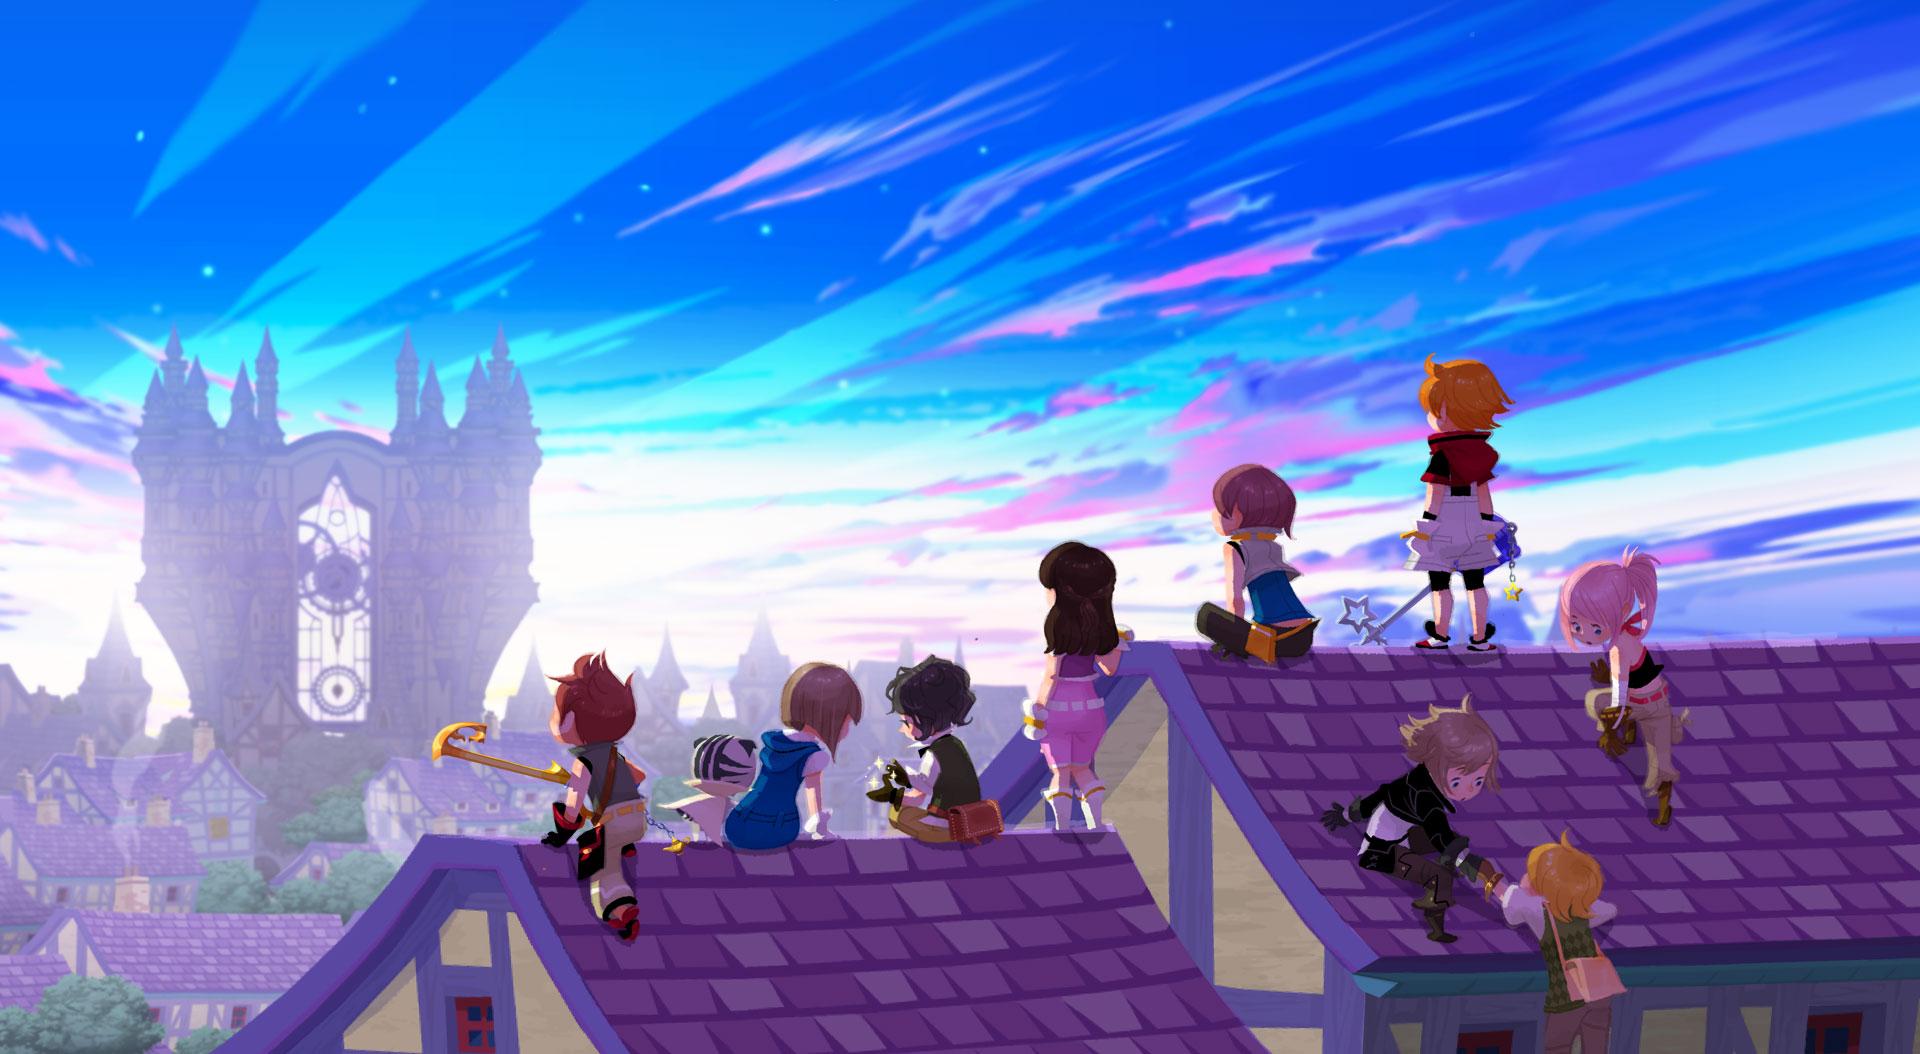 Este juego también llevará directamente en el próximo Kingdom Hearts 2.8: Final Chapter Prologue, el cual incluye una historia secundaria de Unchained X llamada Unchained X - Back Cover, así como una remasterización de Dream Drop Distance and Birth By Sleep 0.2 - A Fragmentary Passage.